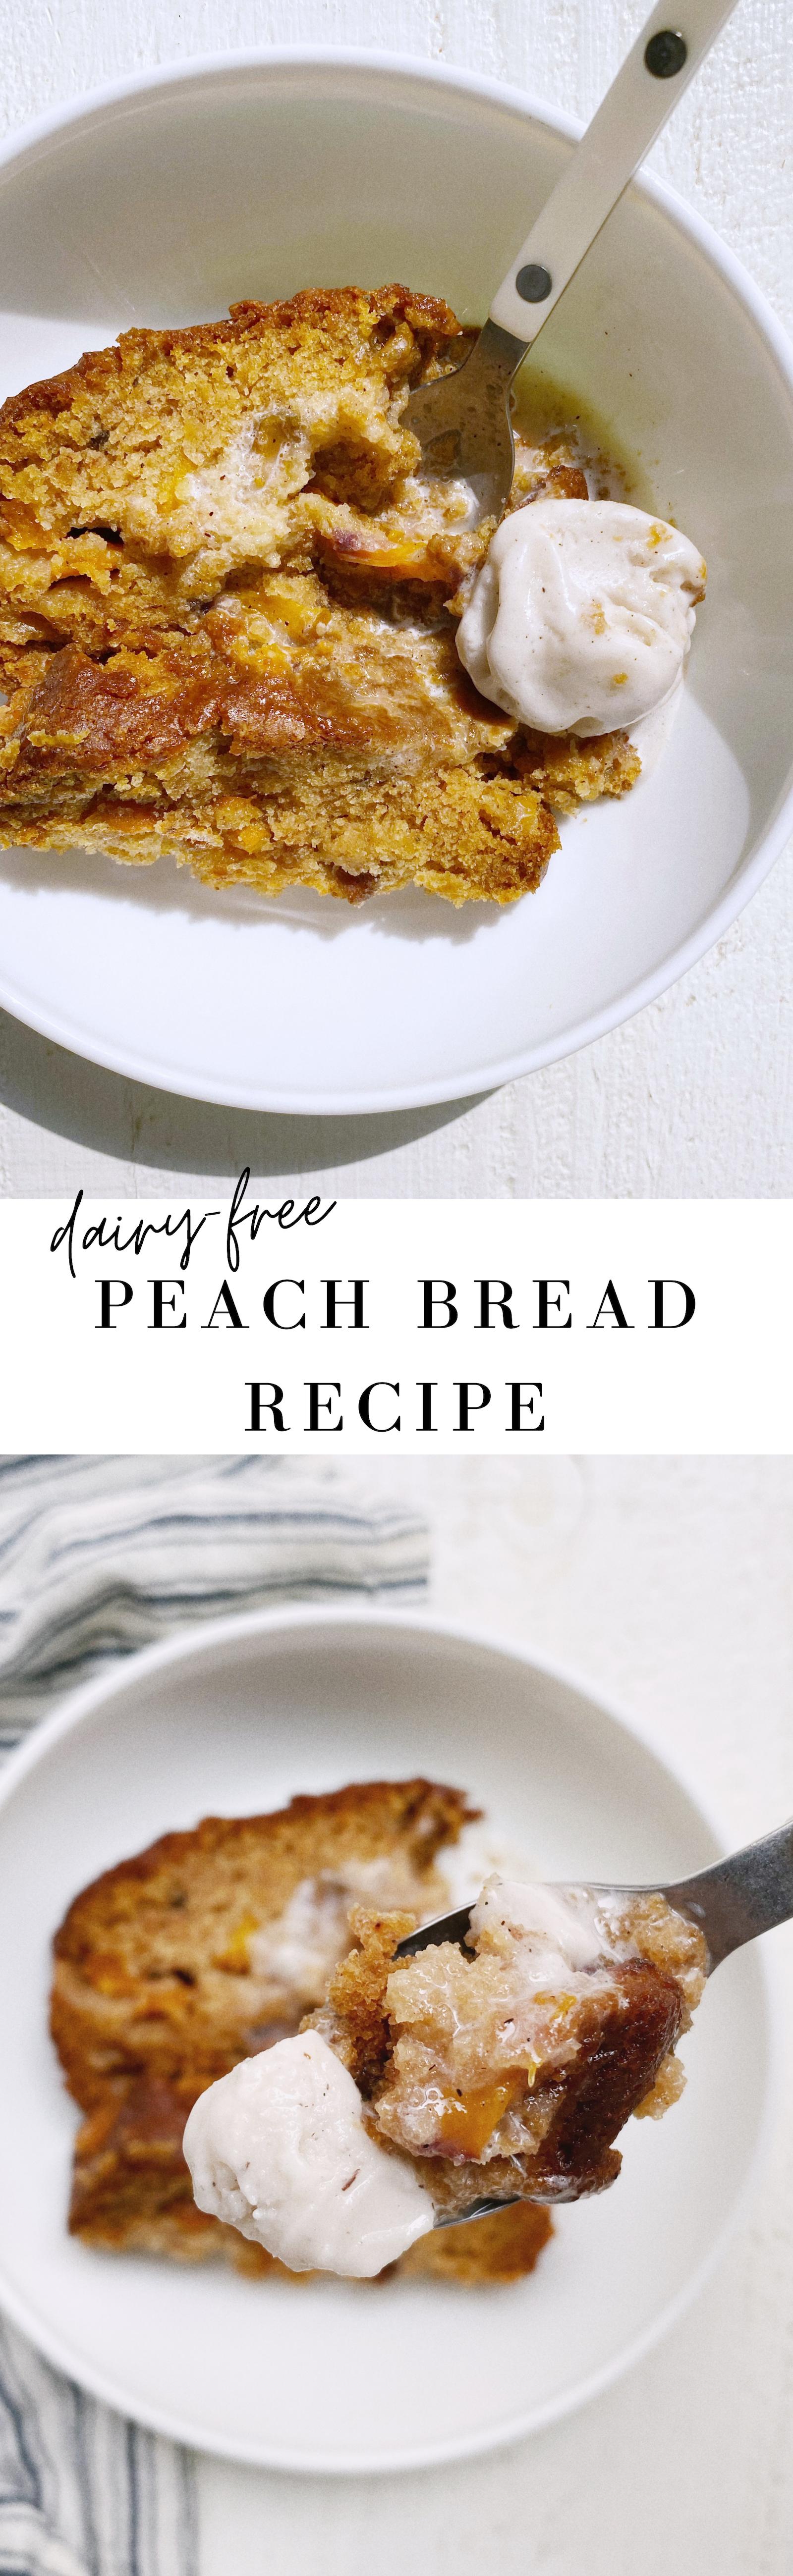 DAIRY FREE PEACH BREAD RECIPE